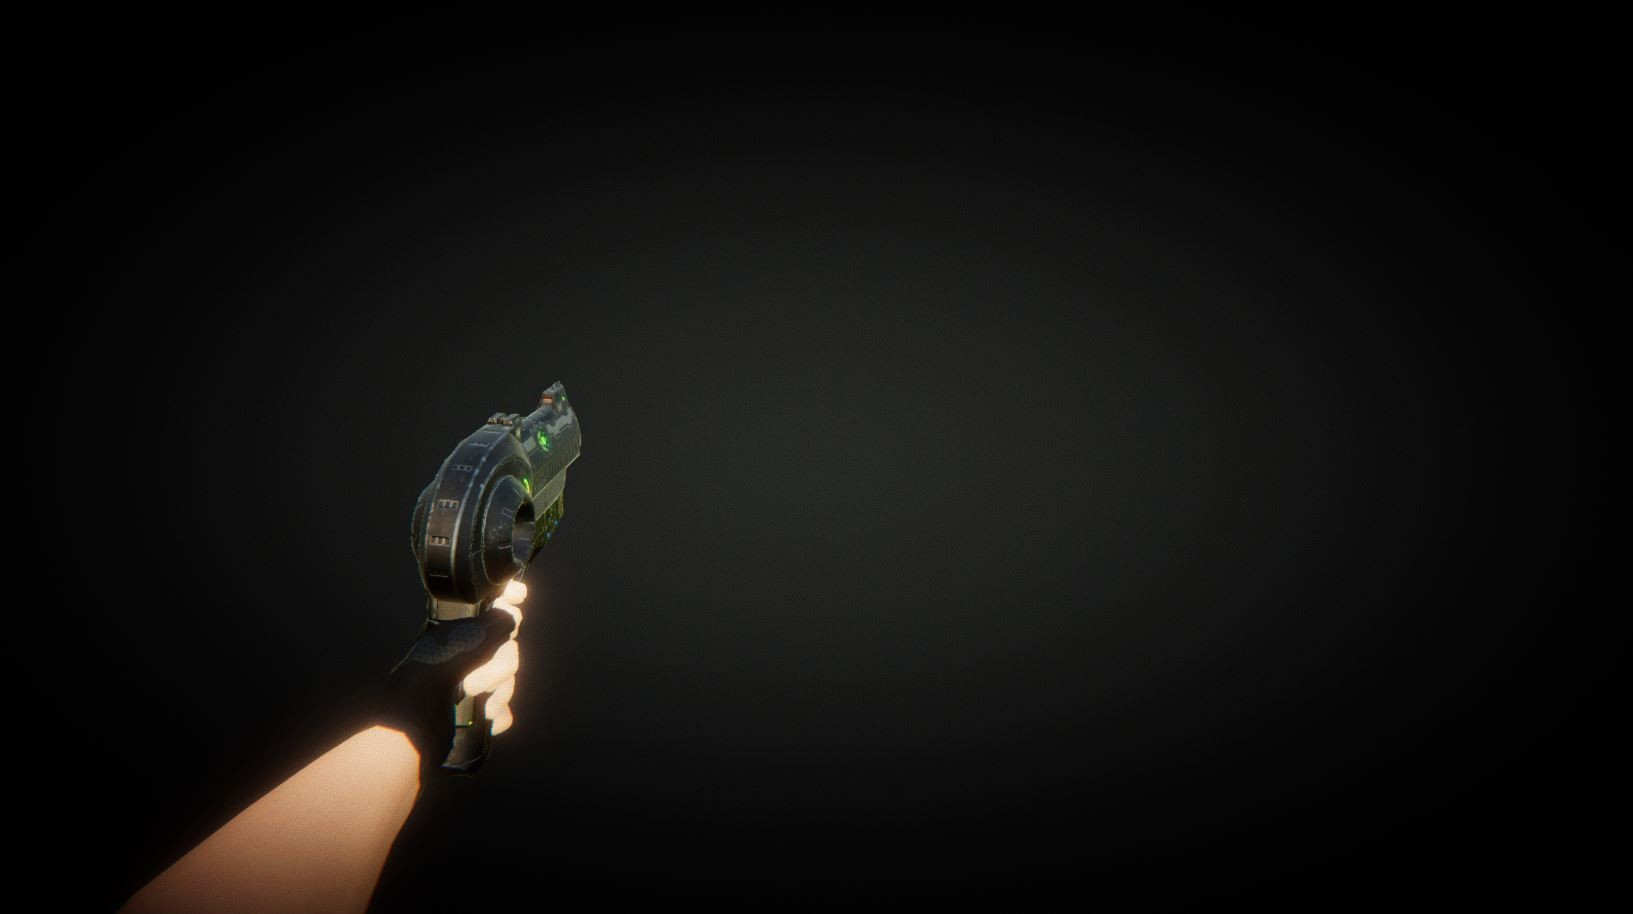 Emanuel cacciola revolver hands